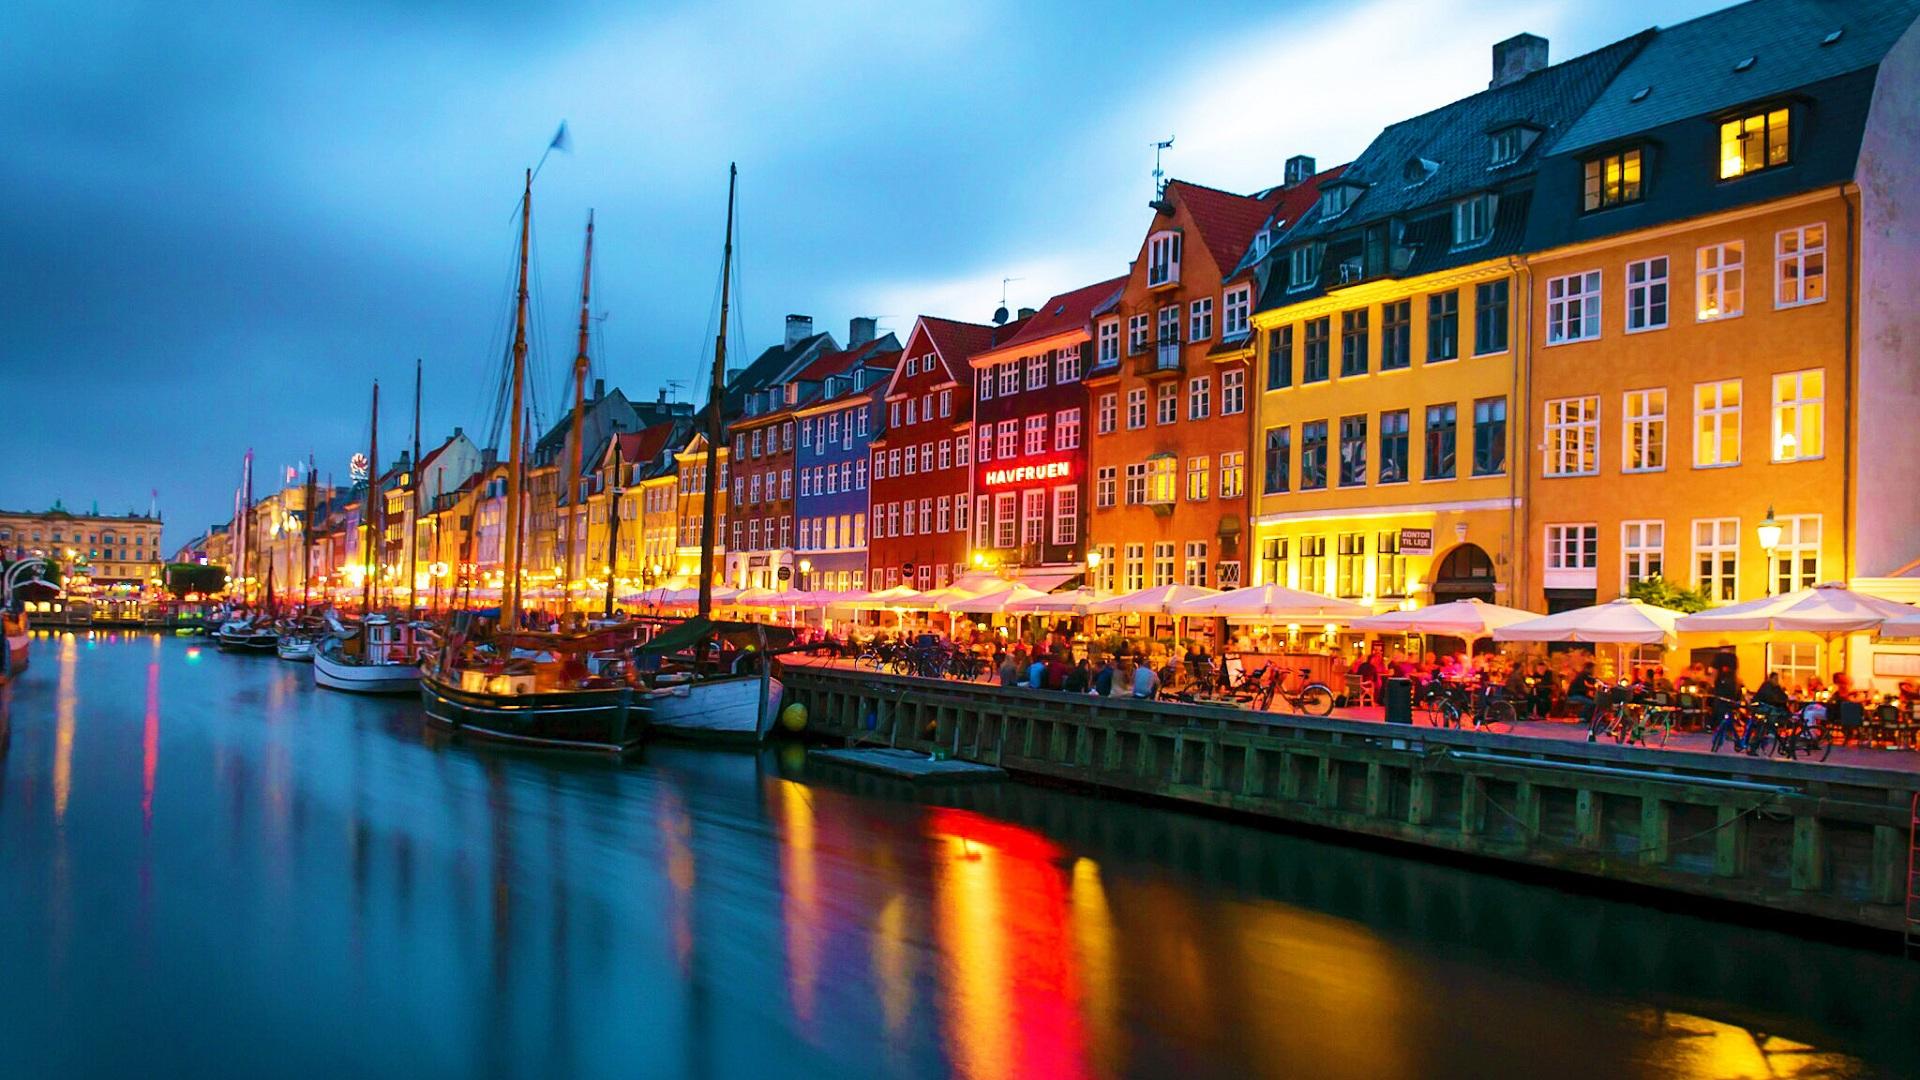 Most Beautiful Night shot of NyhavnCopenhagenDenmark [1920x1080 1920x1080